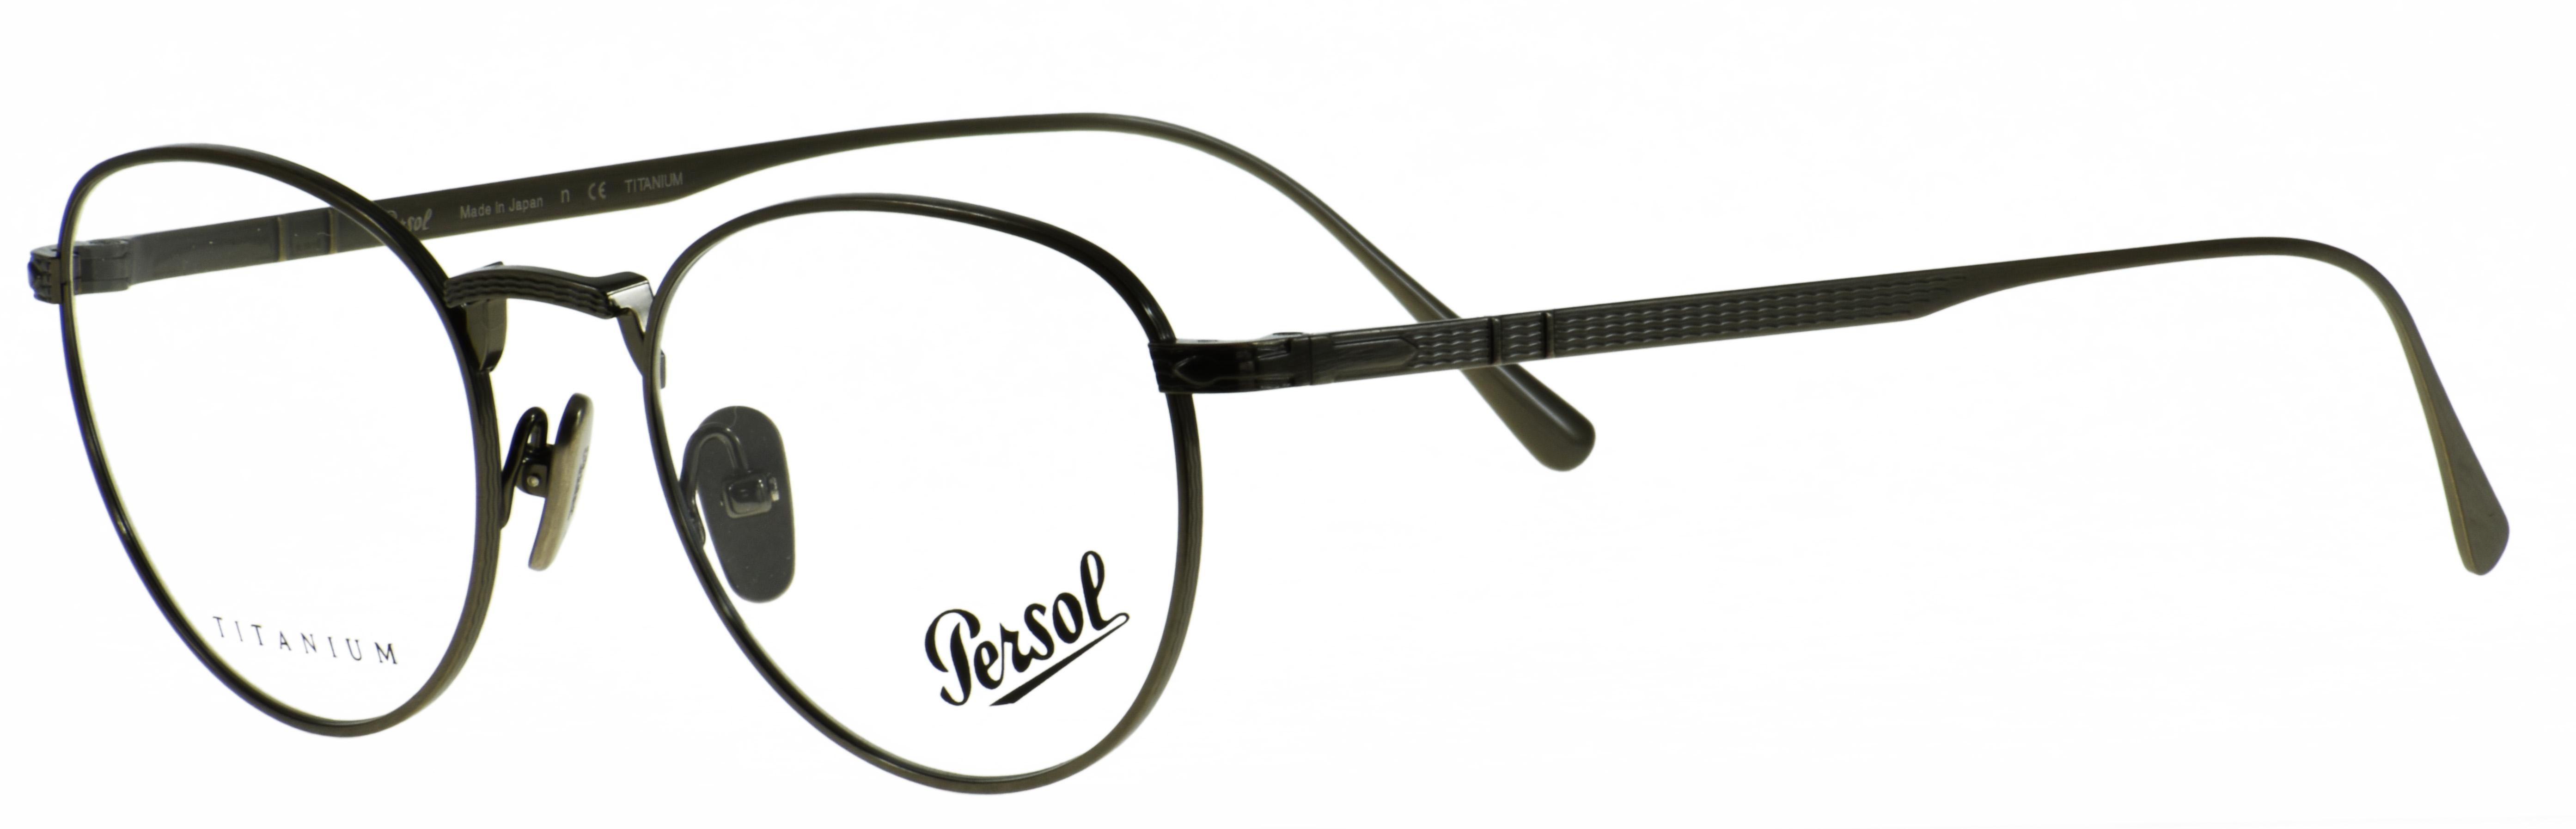 Persol PO 5002VT 8001 ¥45,000 49 02